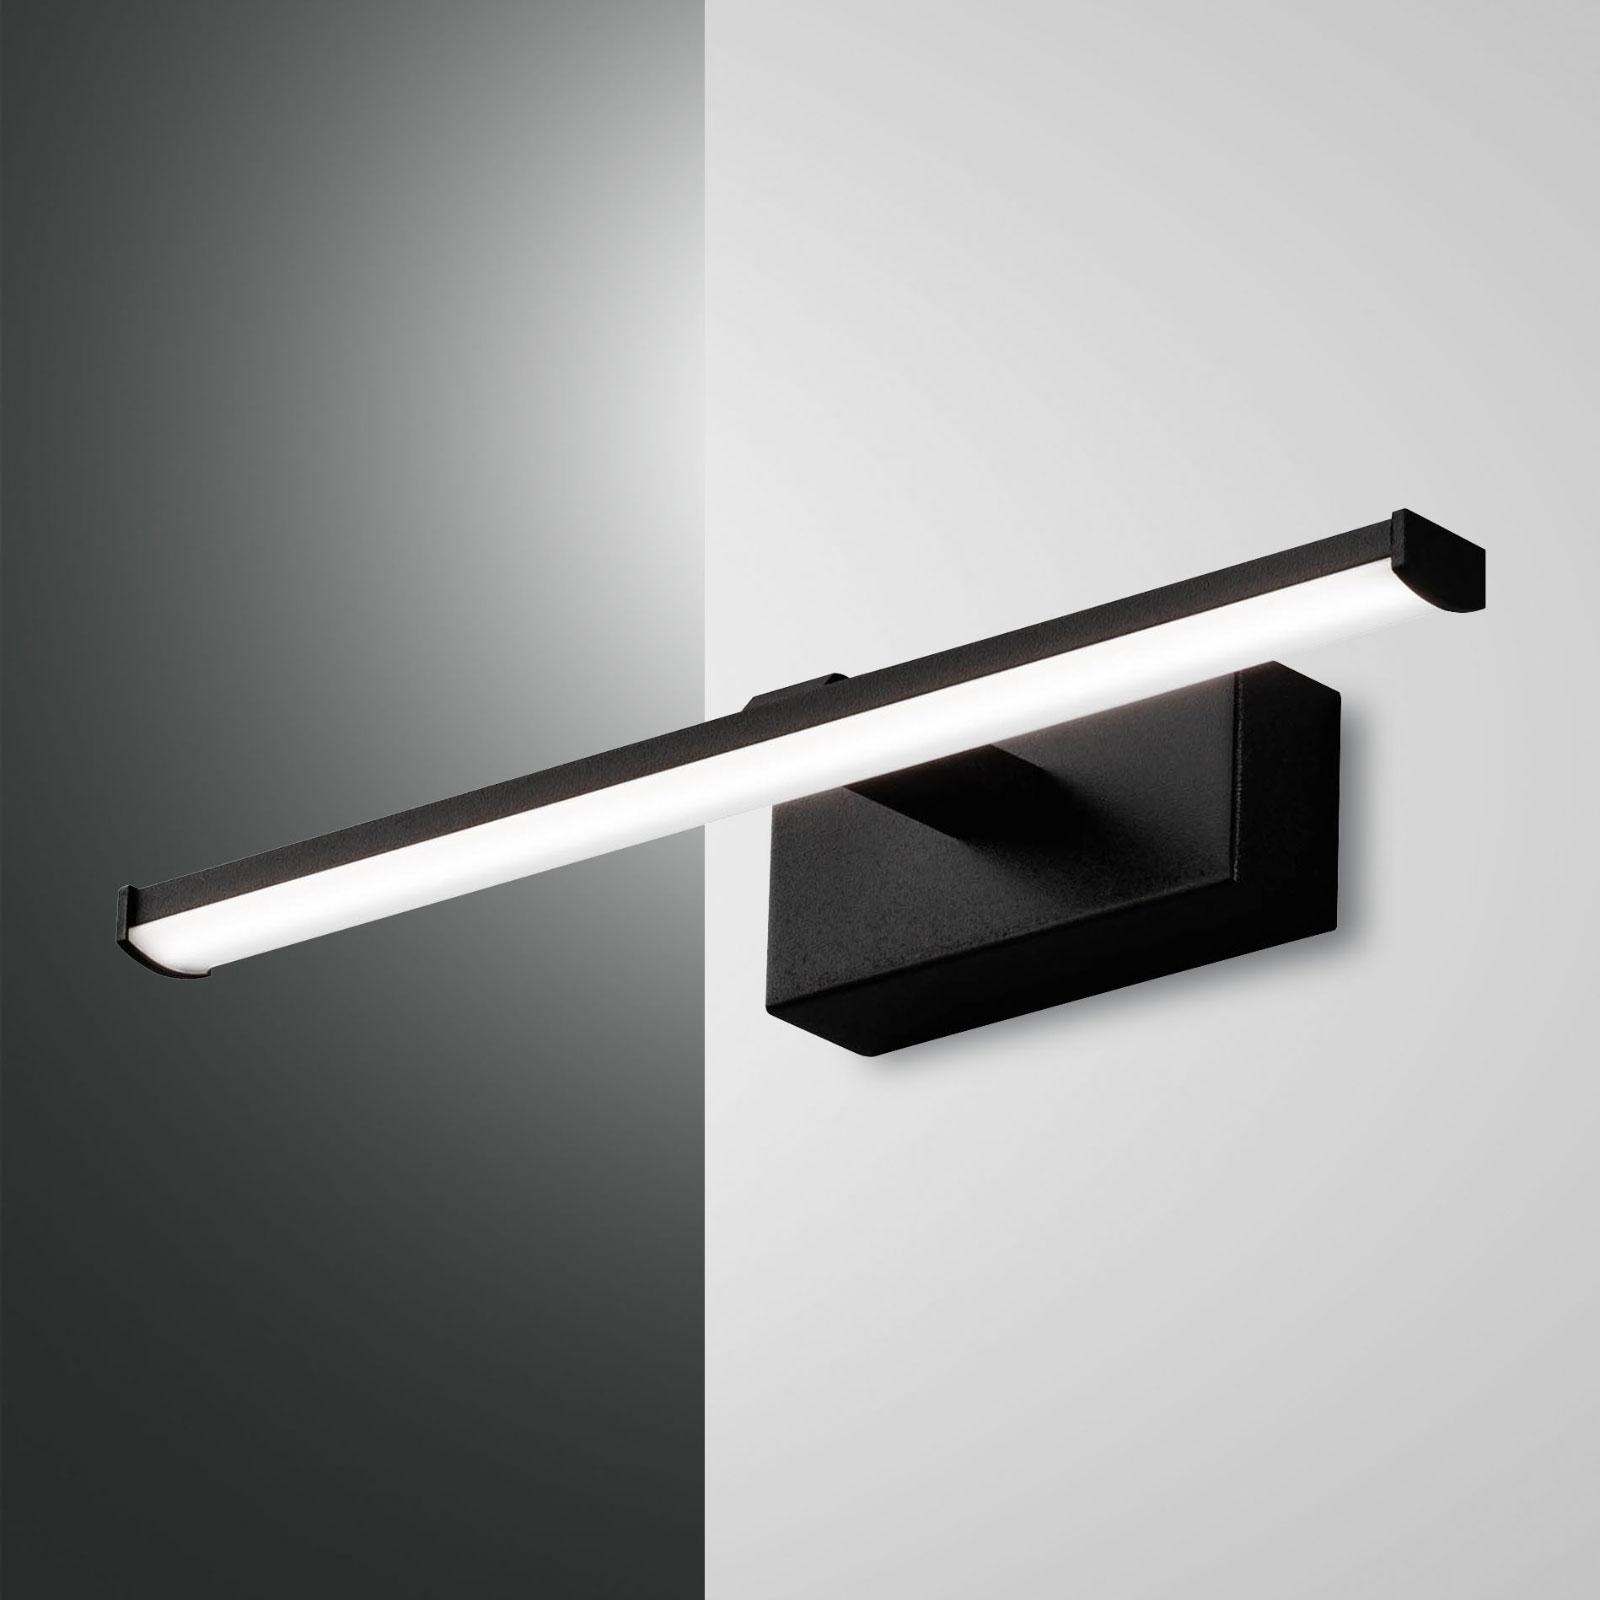 LED-Wandleuchte Nala, schwarz, Breite 30 cm